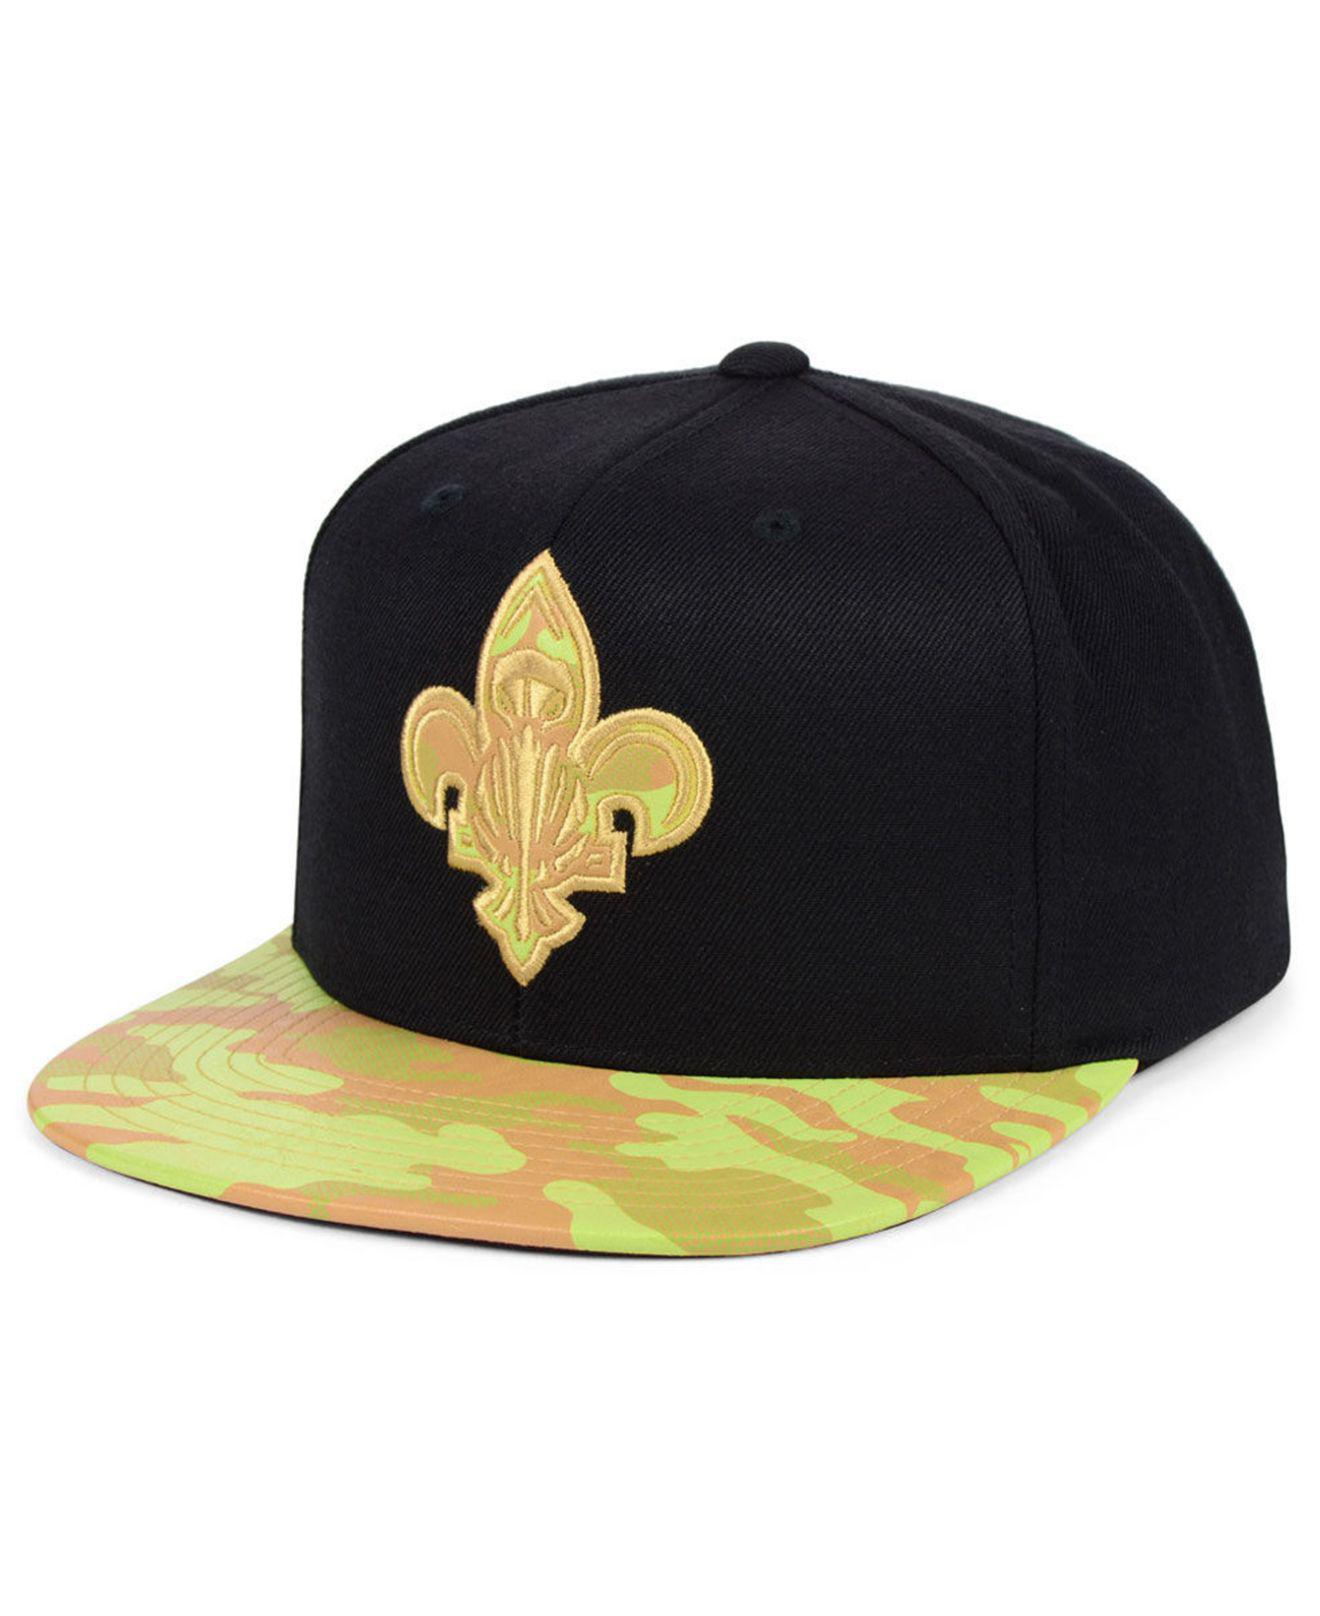 big sale 2b67f 9d7e1 Mitchell   Ness. Men s Black New Orleans Pelicans Natural Camo Snapback Cap